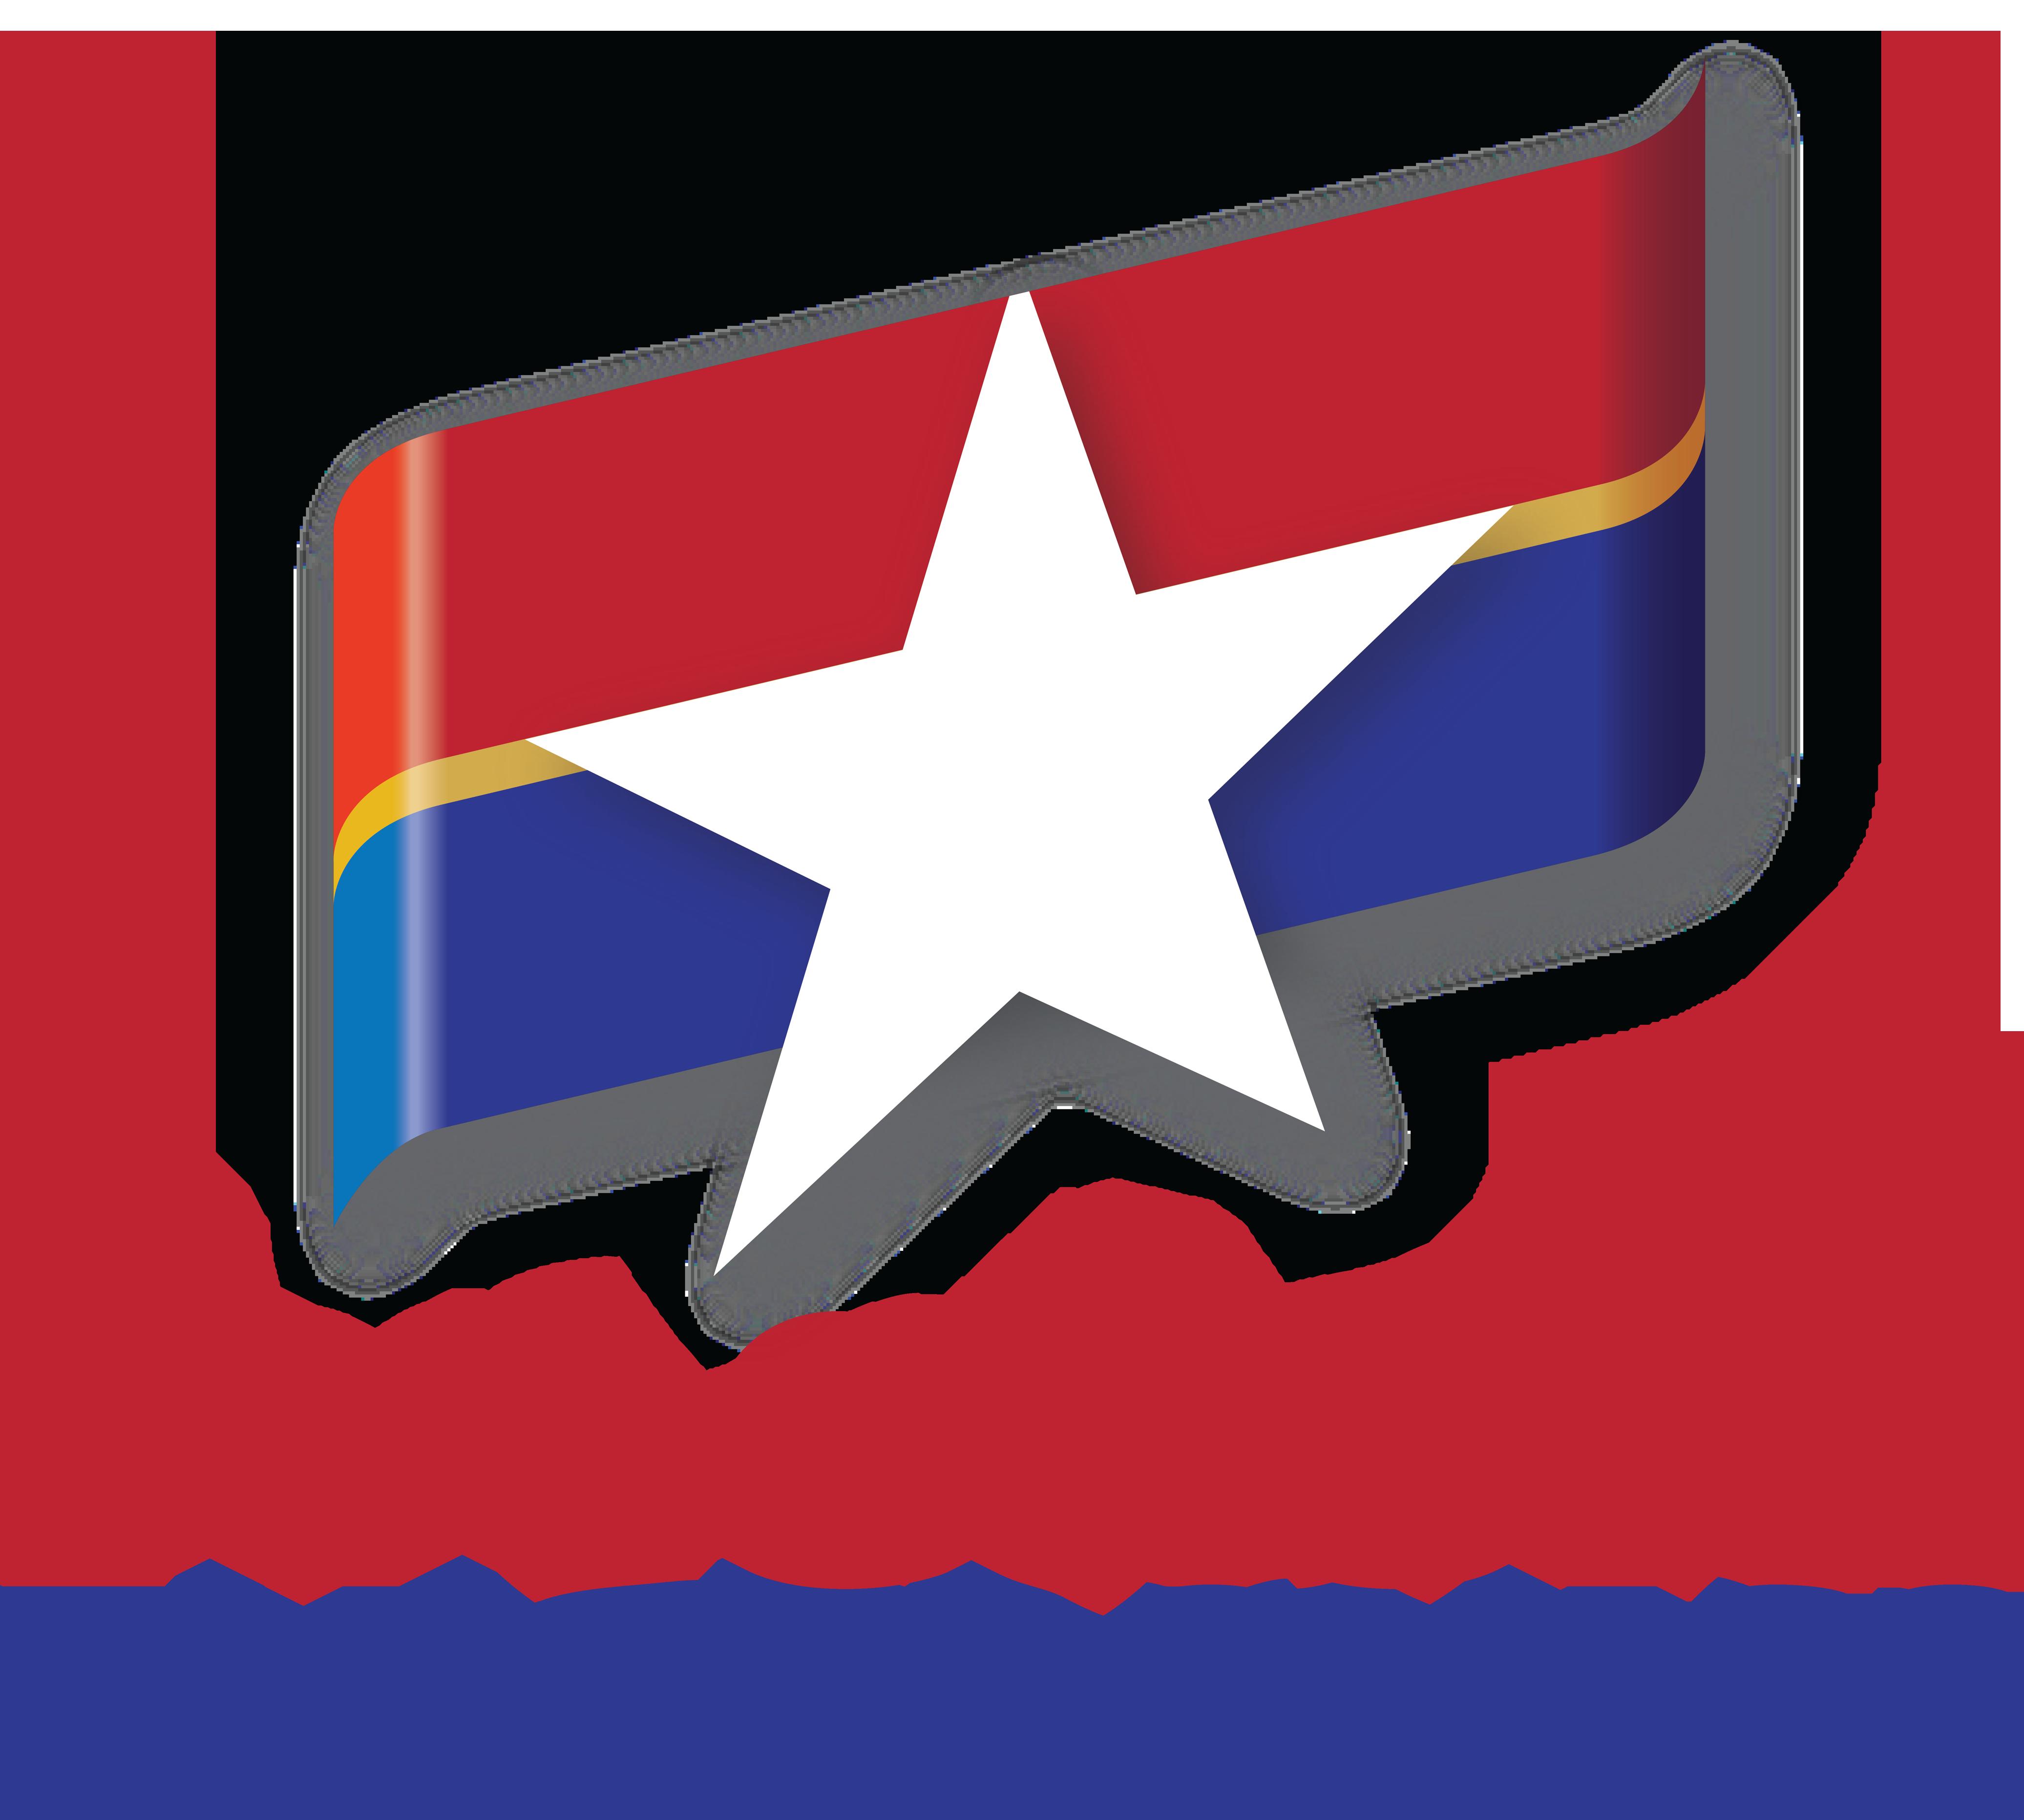 Freedomelectronics